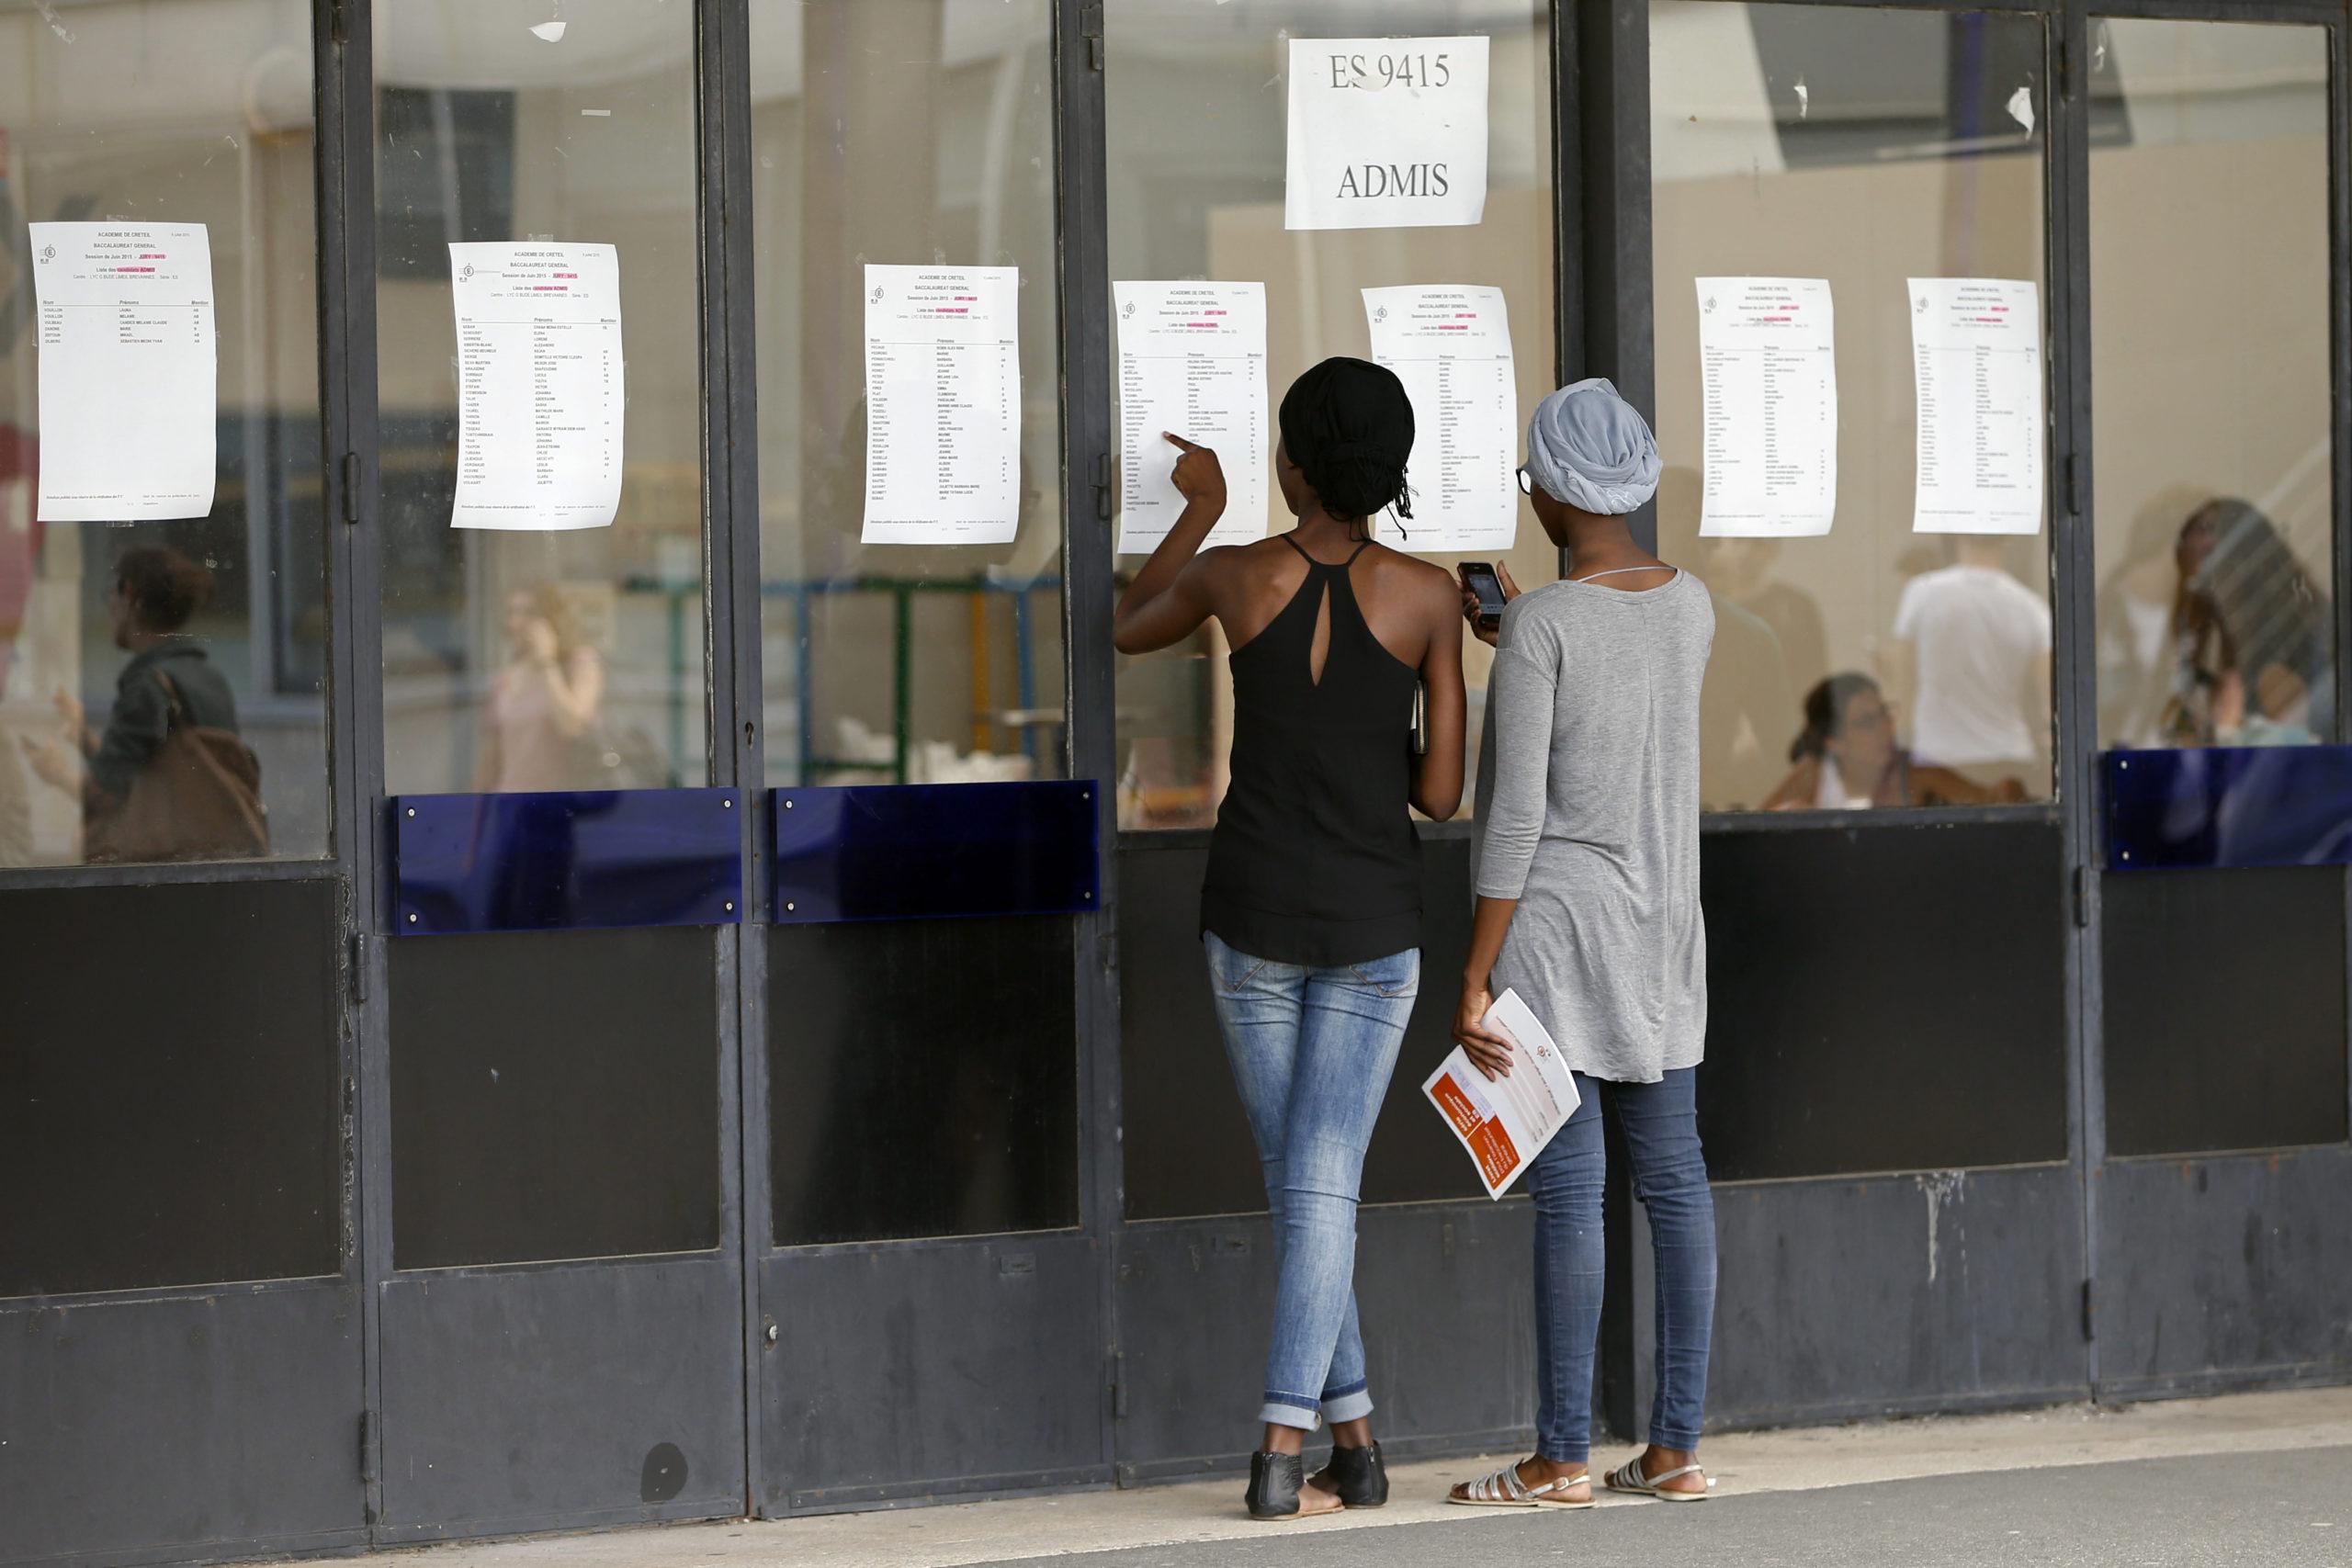 France: Taux de réussite de 91,5% au bac, contre 77,8% en 2019